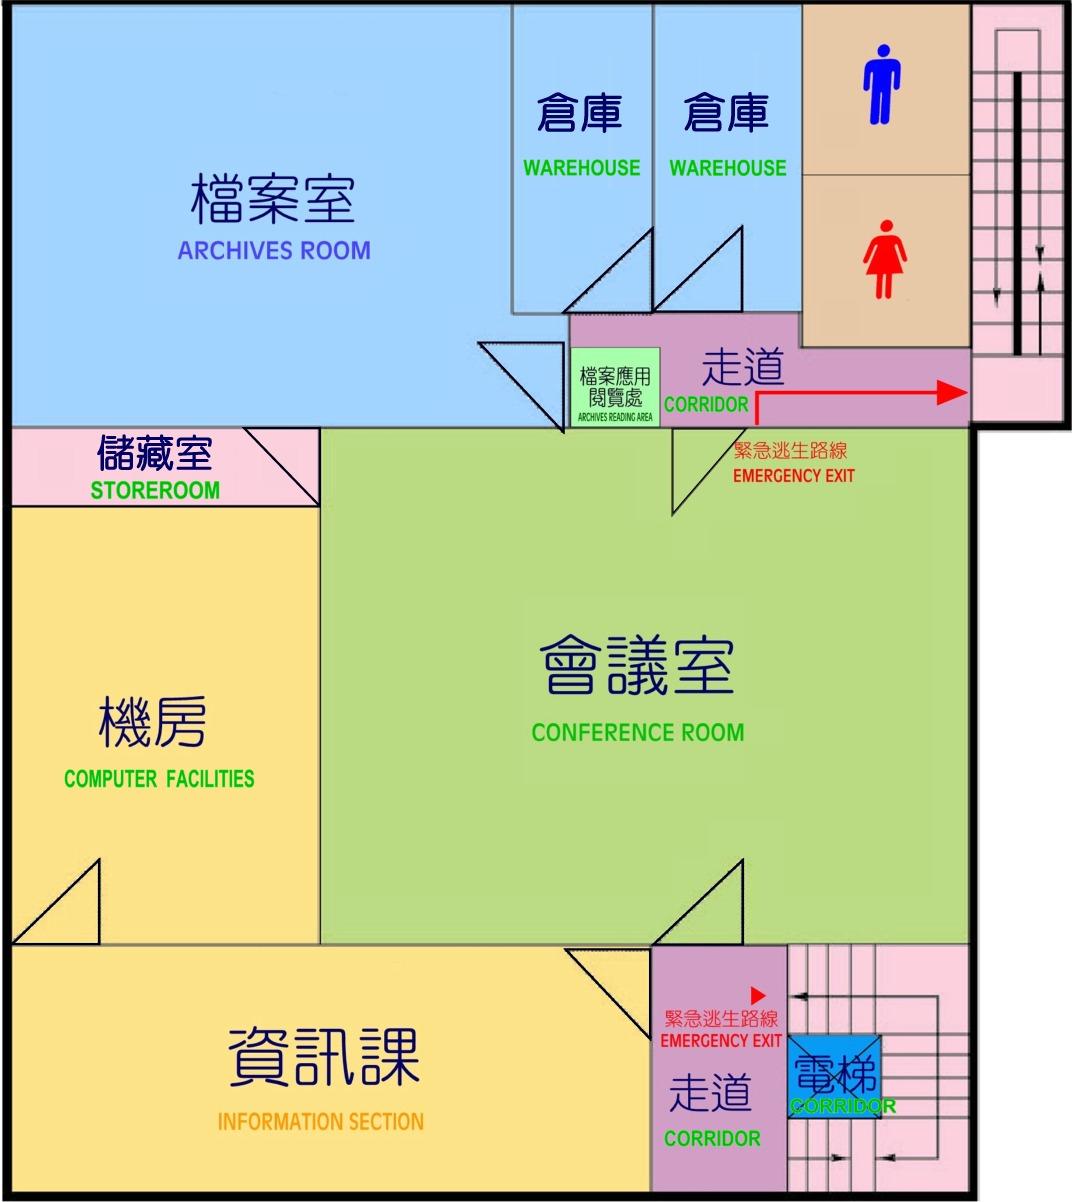 三樓平面圖,本所三樓設有資訊課、會議室及檔案室